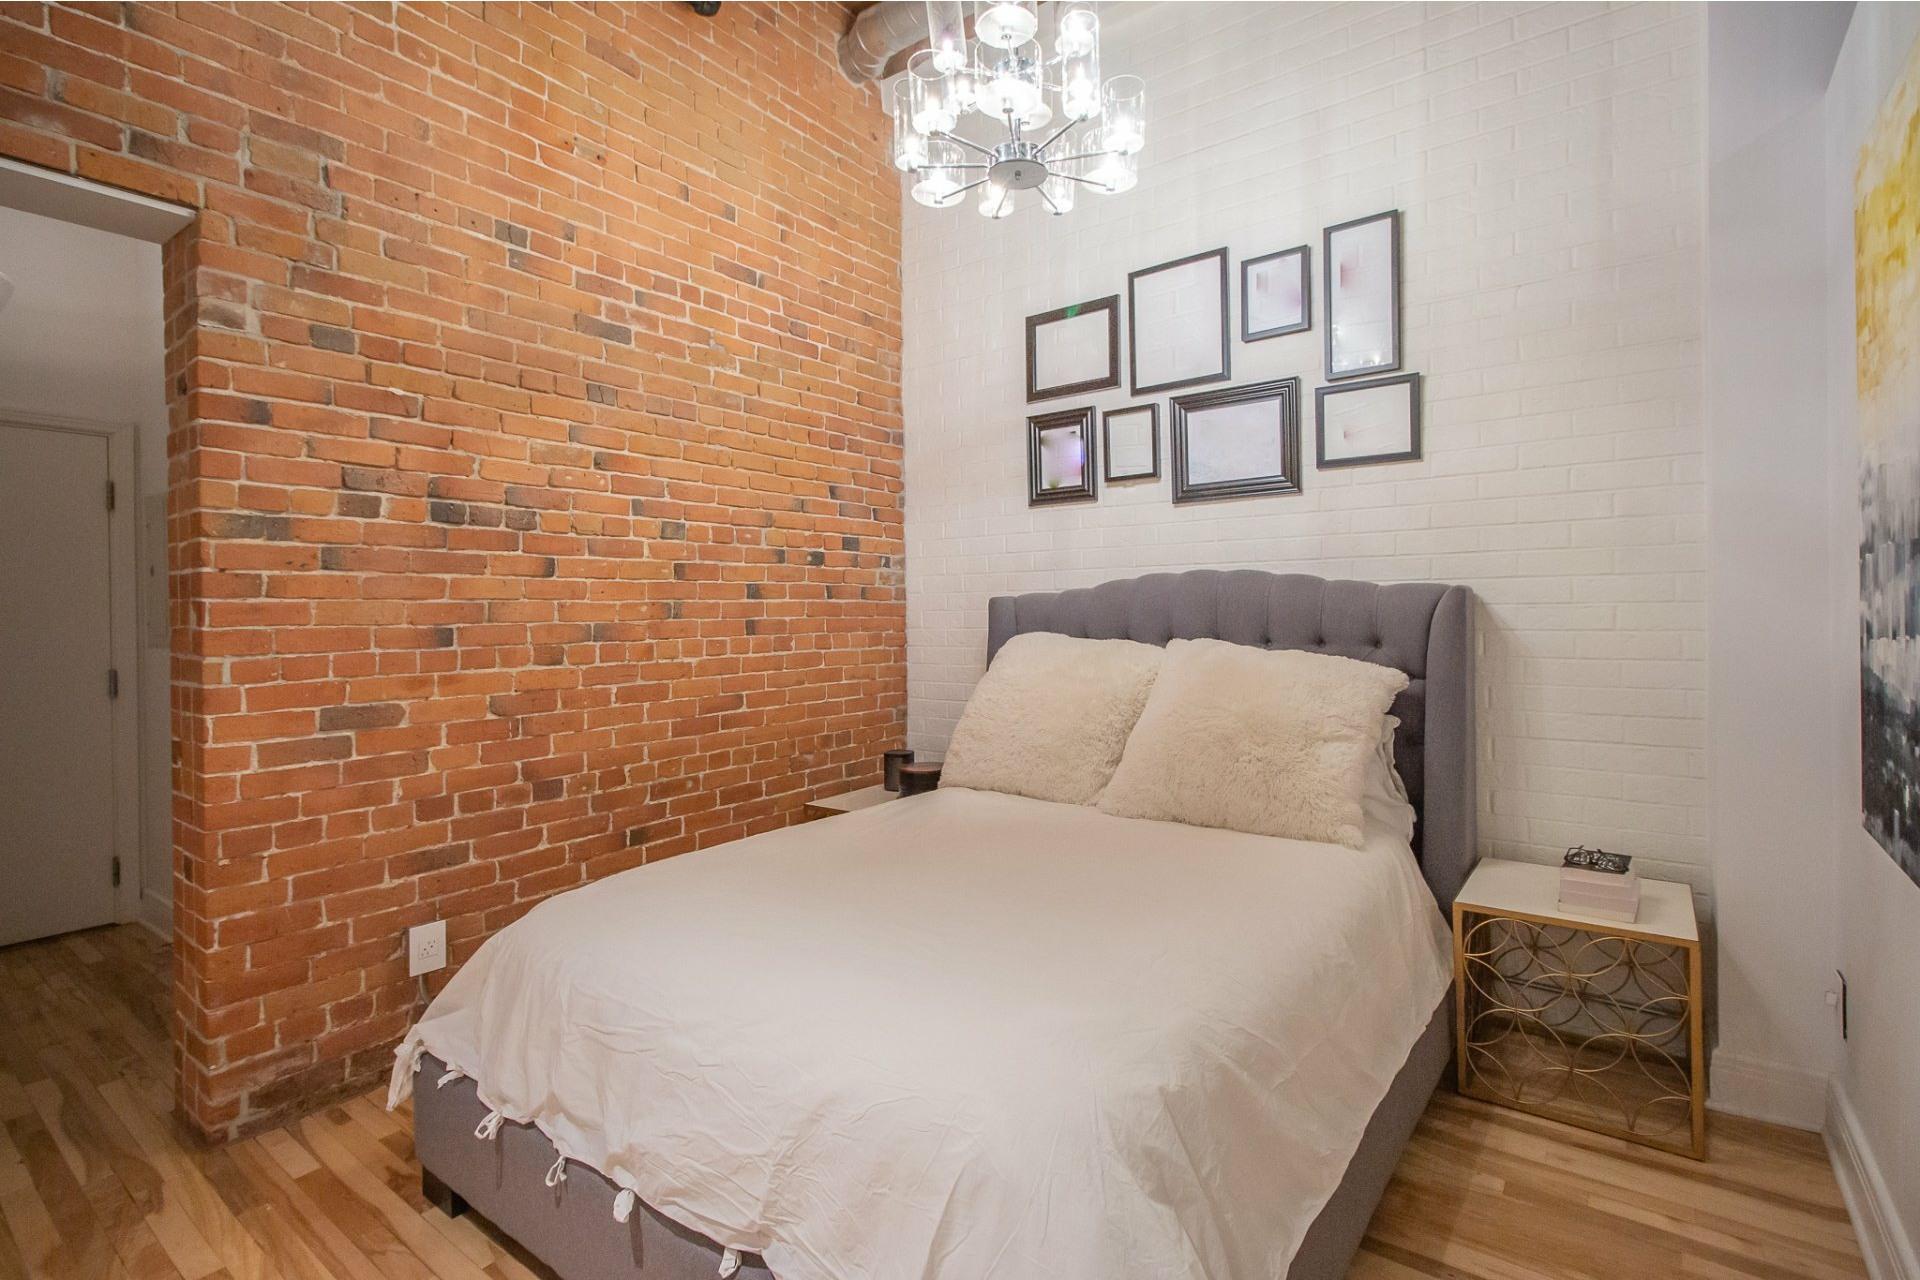 image 9 - Appartement À vendre Le Sud-Ouest Montréal  - 3 pièces